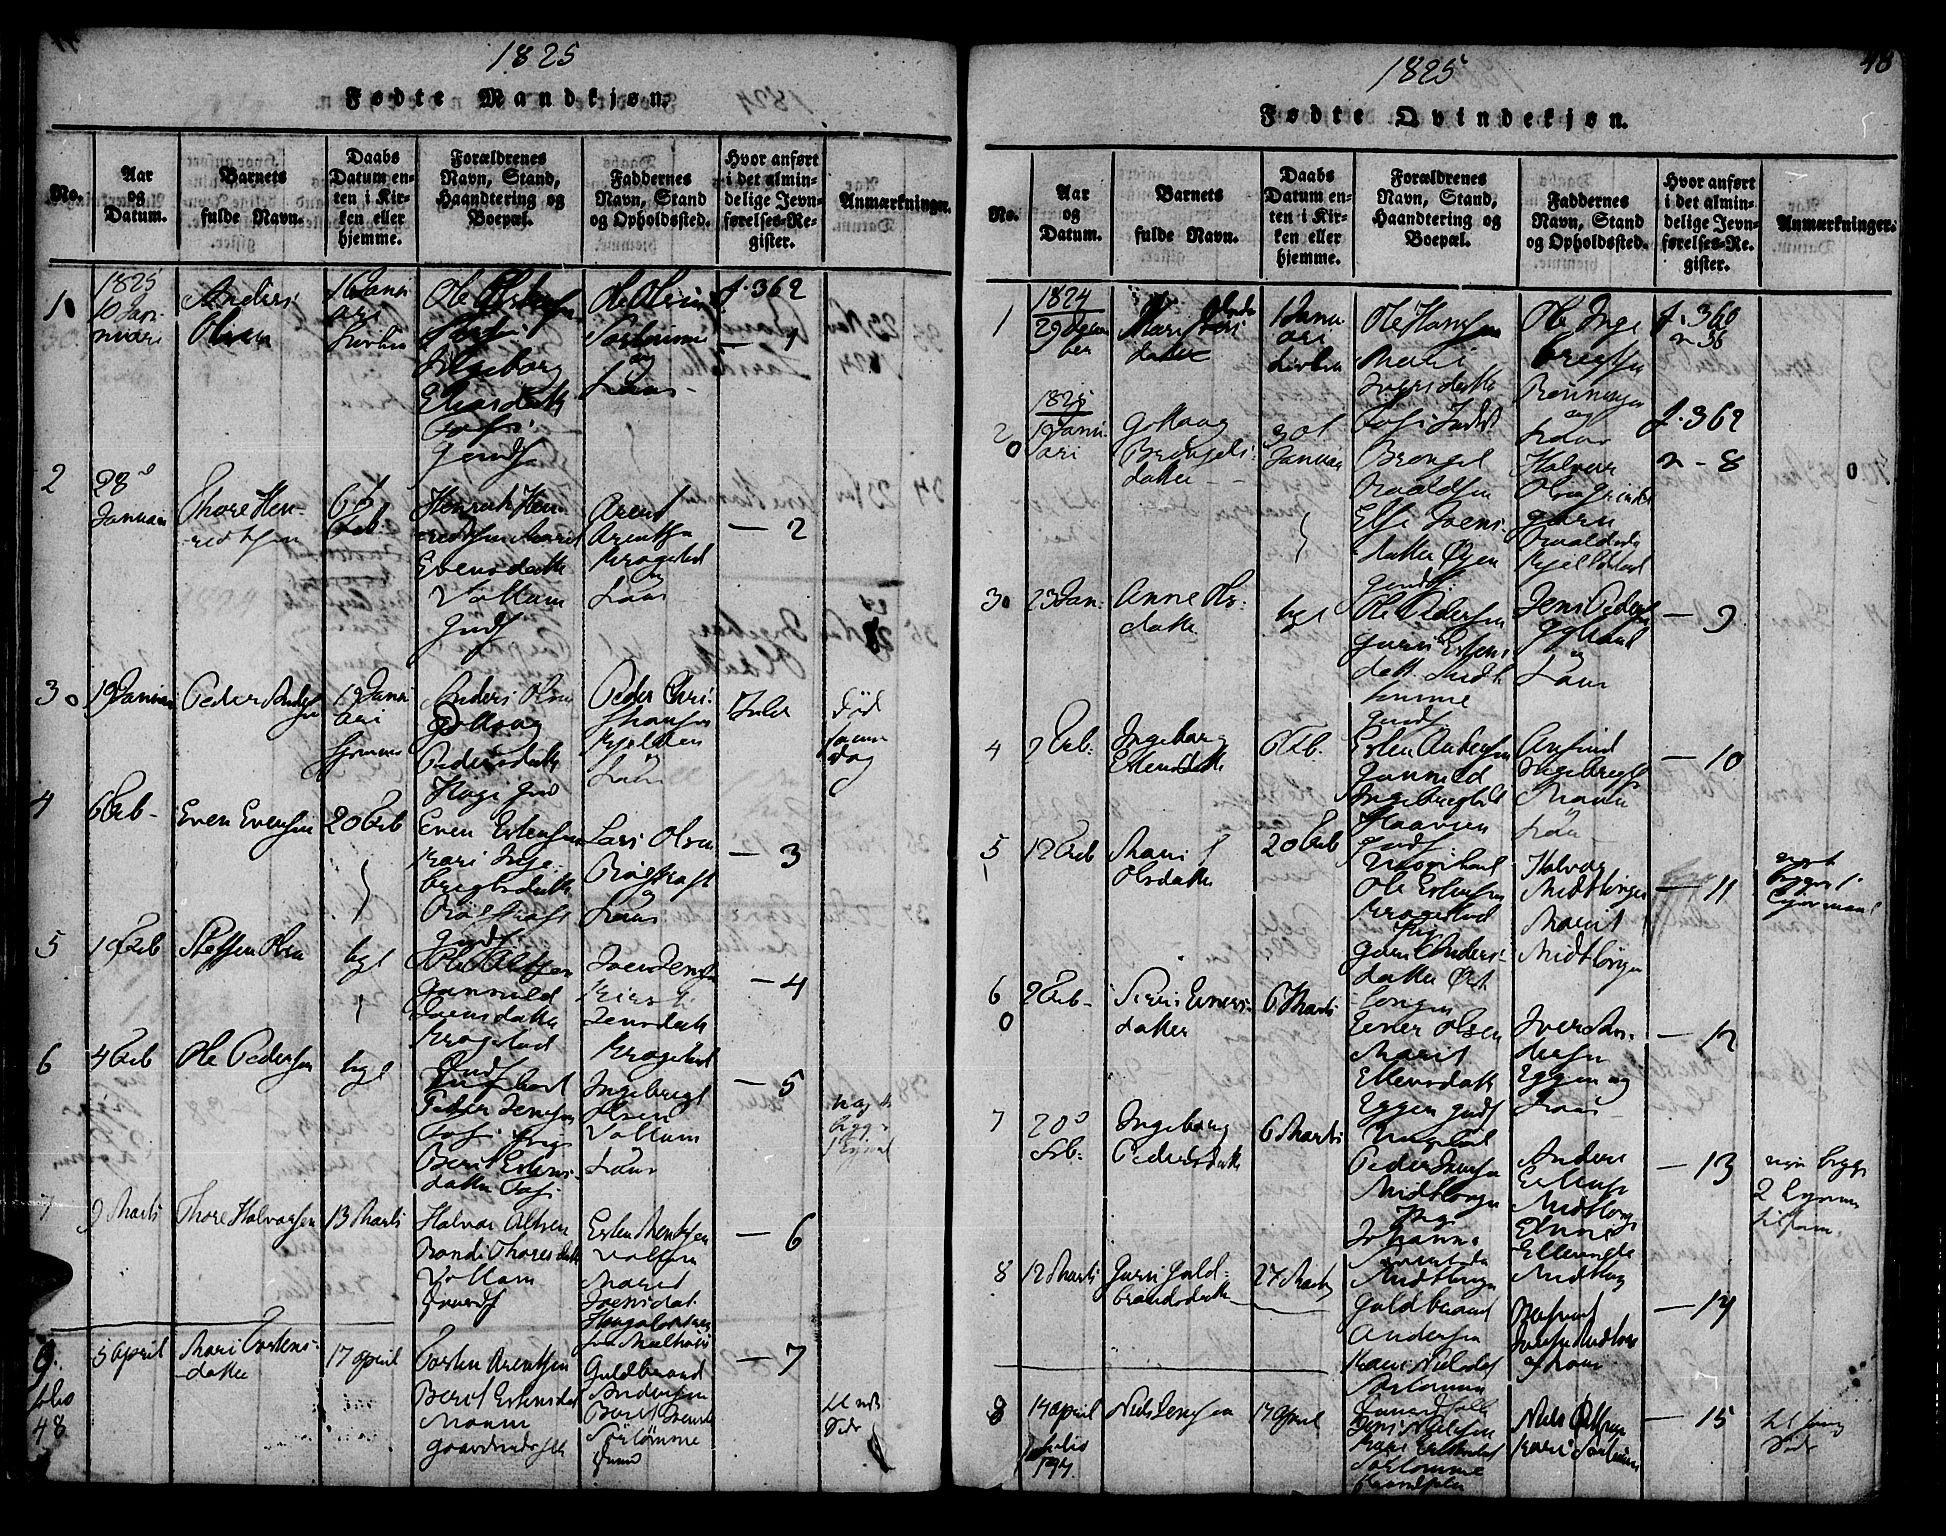 SAT, Ministerialprotokoller, klokkerbøker og fødselsregistre - Sør-Trøndelag, 692/L1102: Ministerialbok nr. 692A02, 1816-1842, s. 48